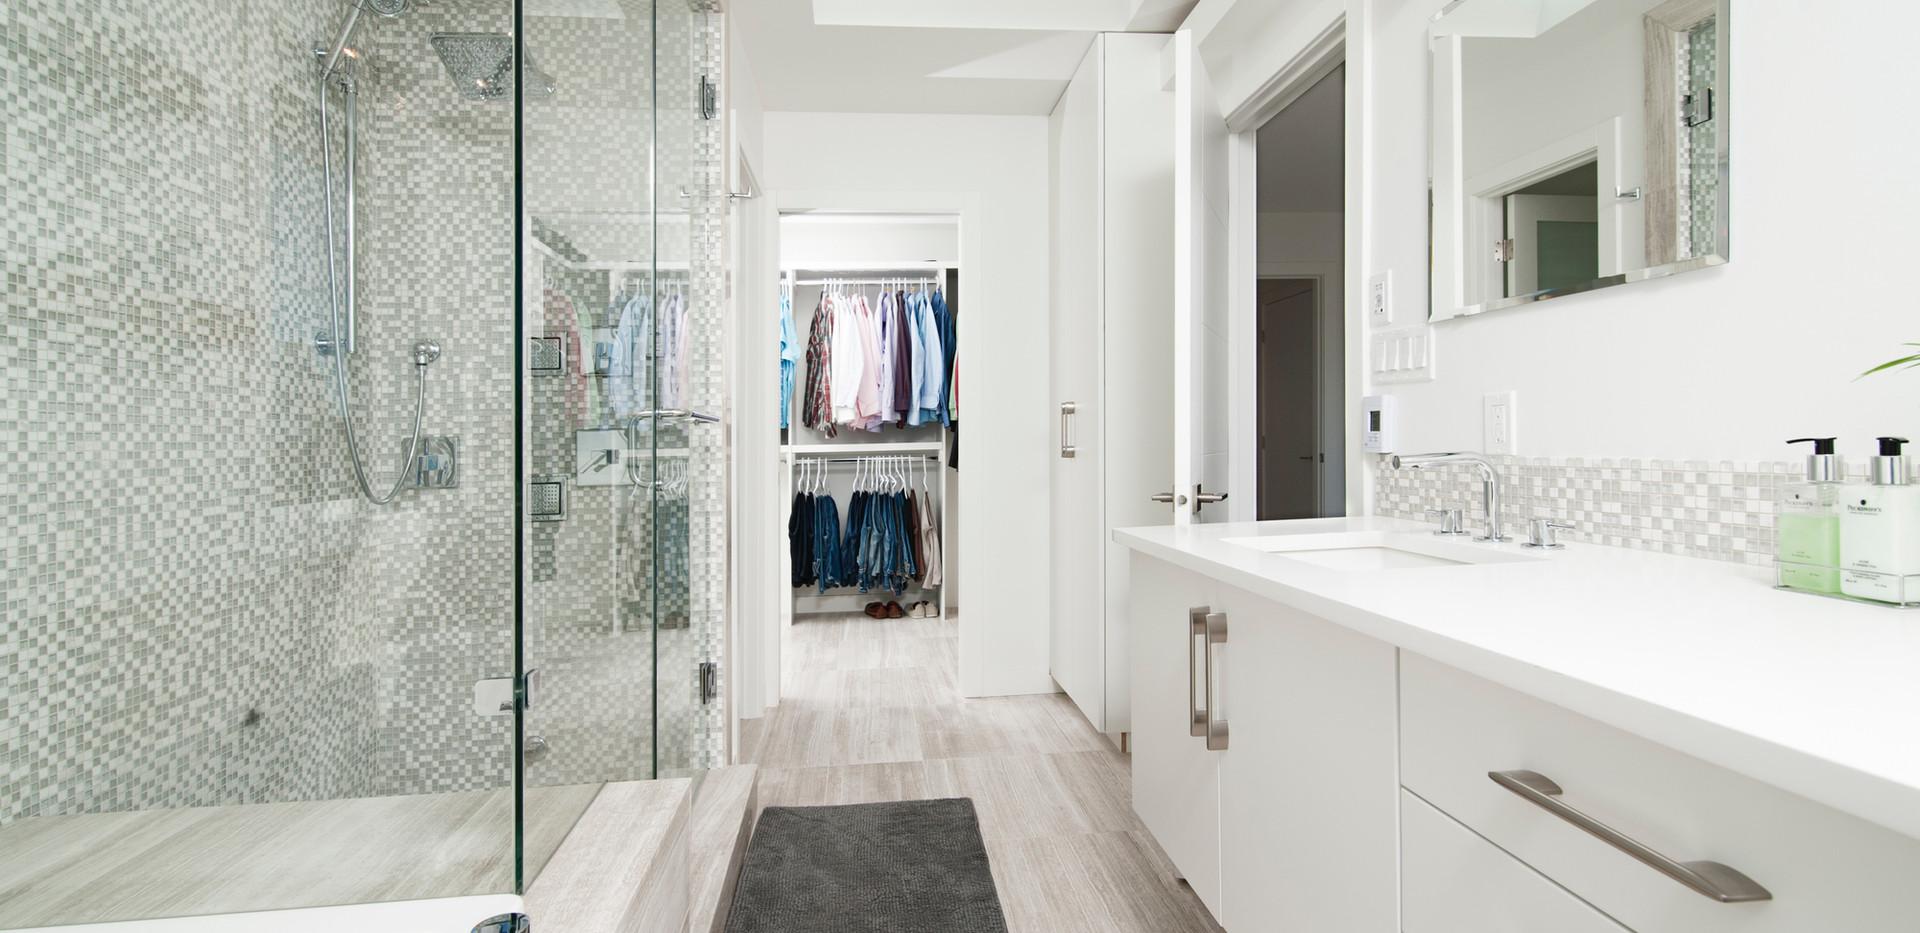 Bathroom Remodeling PRJ 01